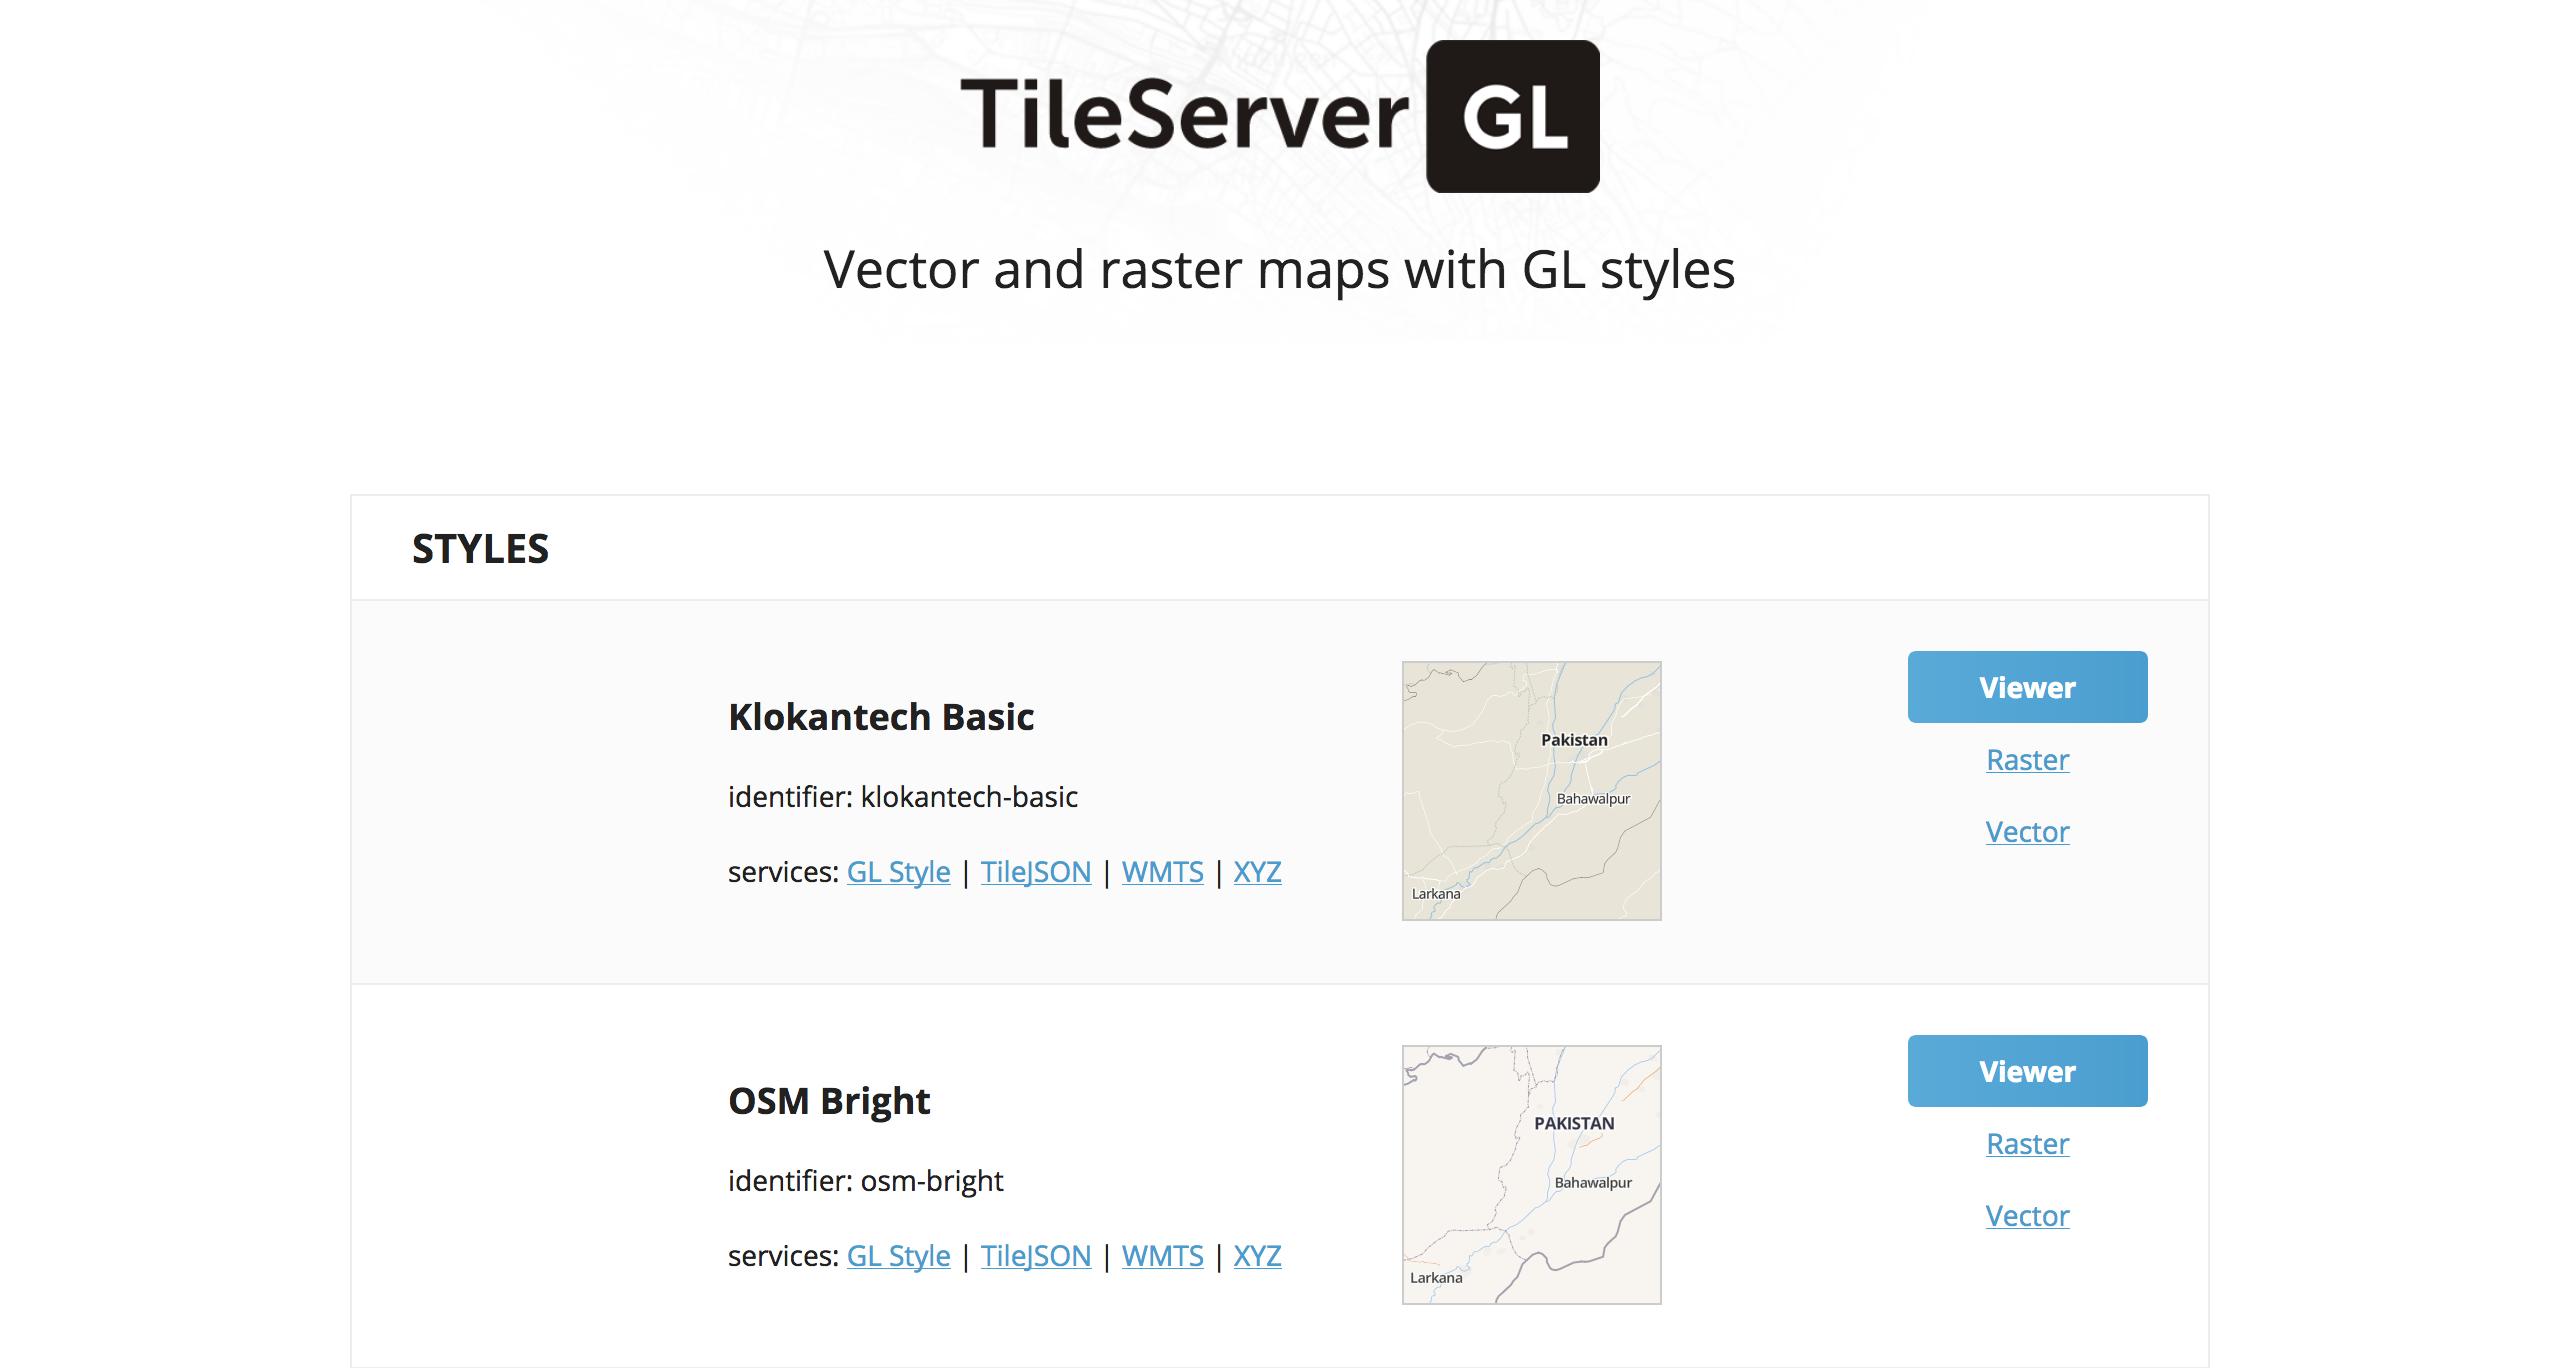 tileserver-gl webpage